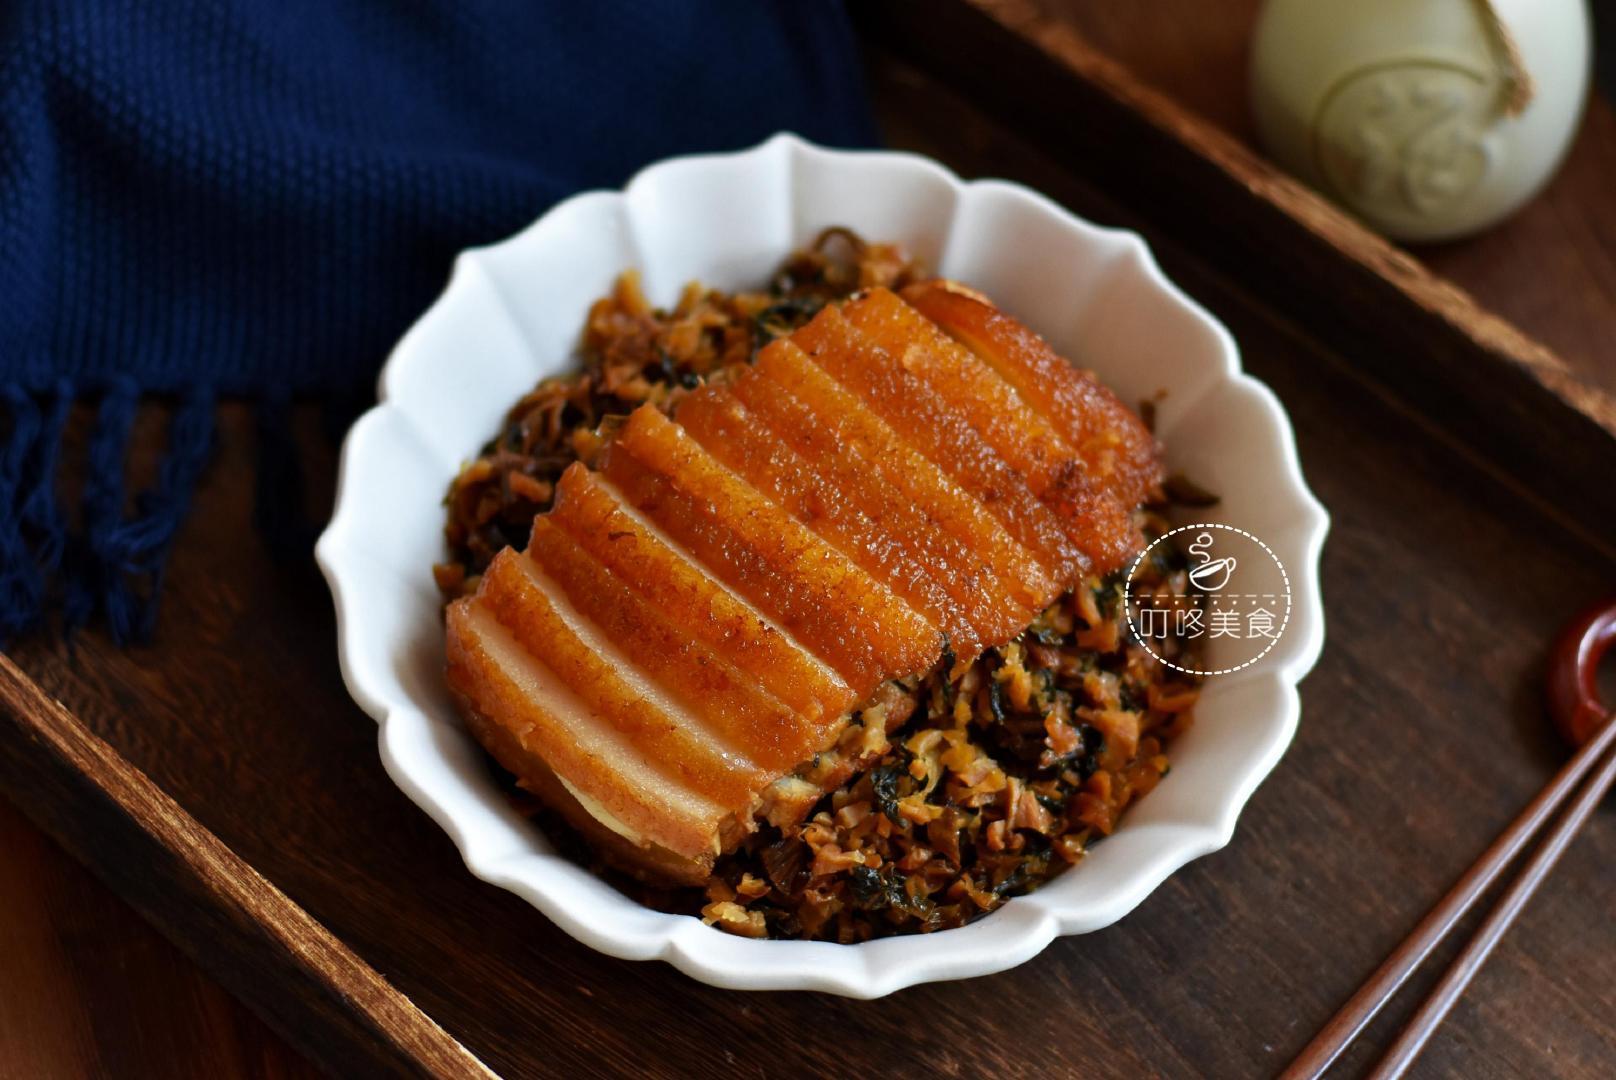 梅干扣肉的正确做法,这么做肥而不腻,颜值高,春节宴客撑足场面